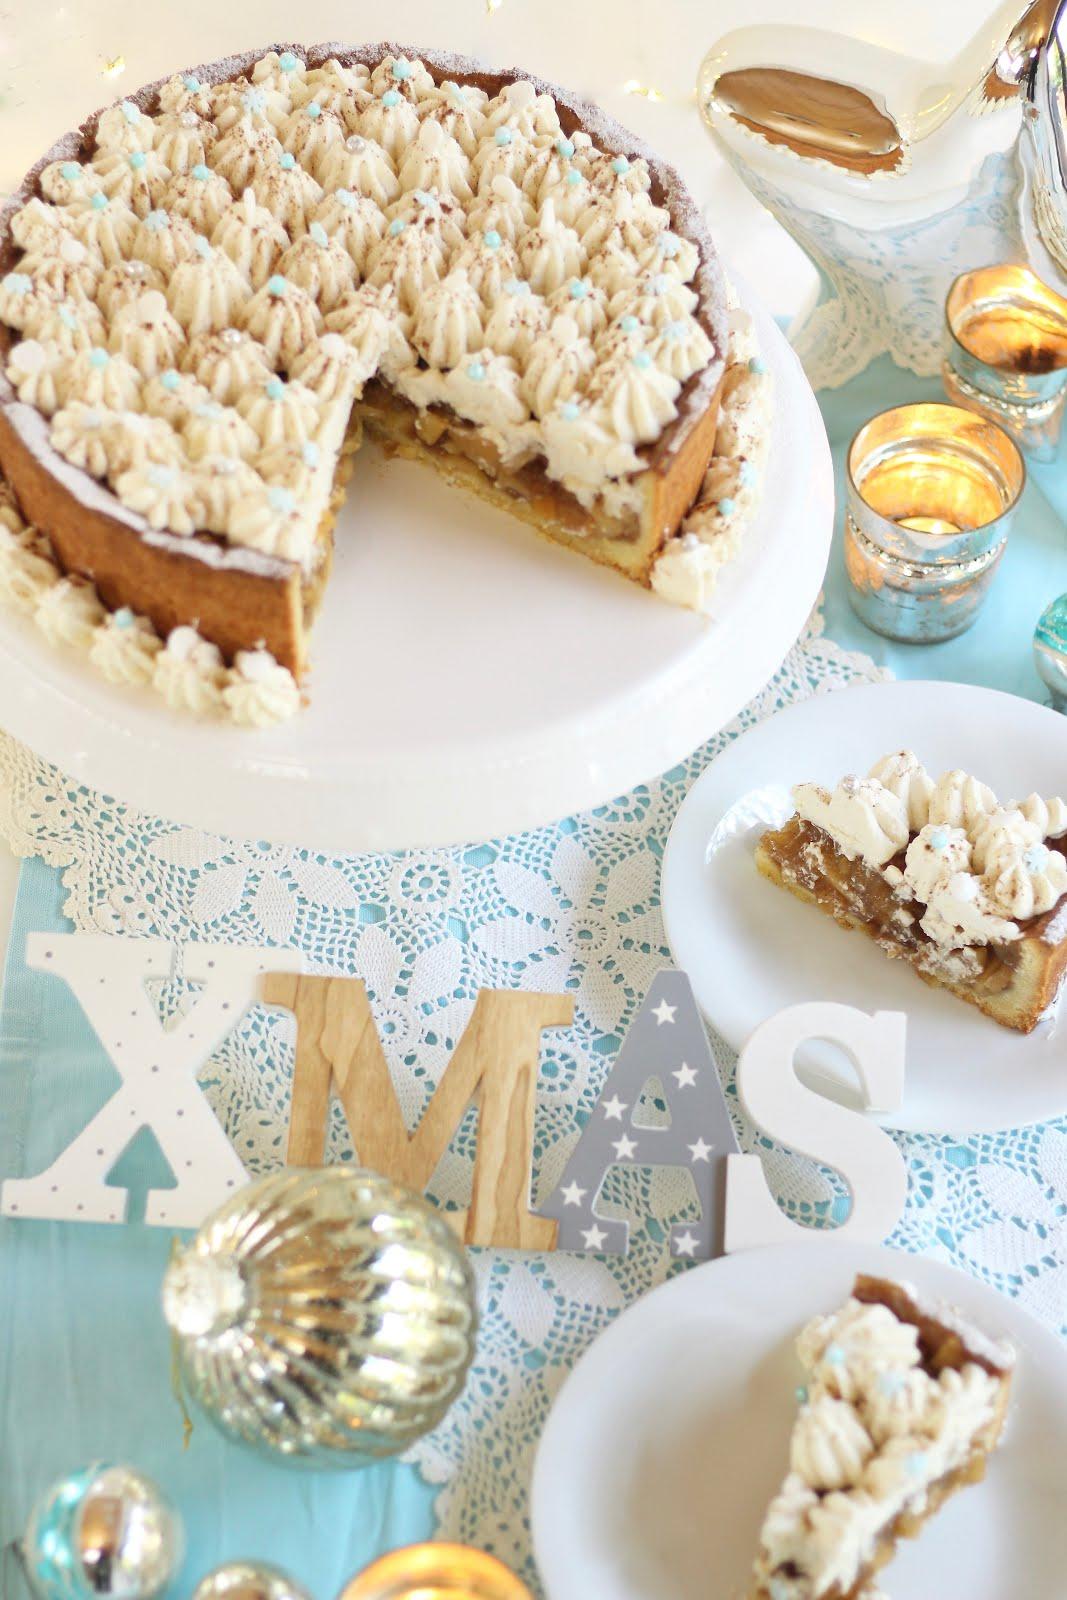 Winterliche Zimt-Apfel-Torte mit Sahne - Rezept und Video von Sugarprincess | SCCC 2019: 1. Türchen | Gewinnspiel